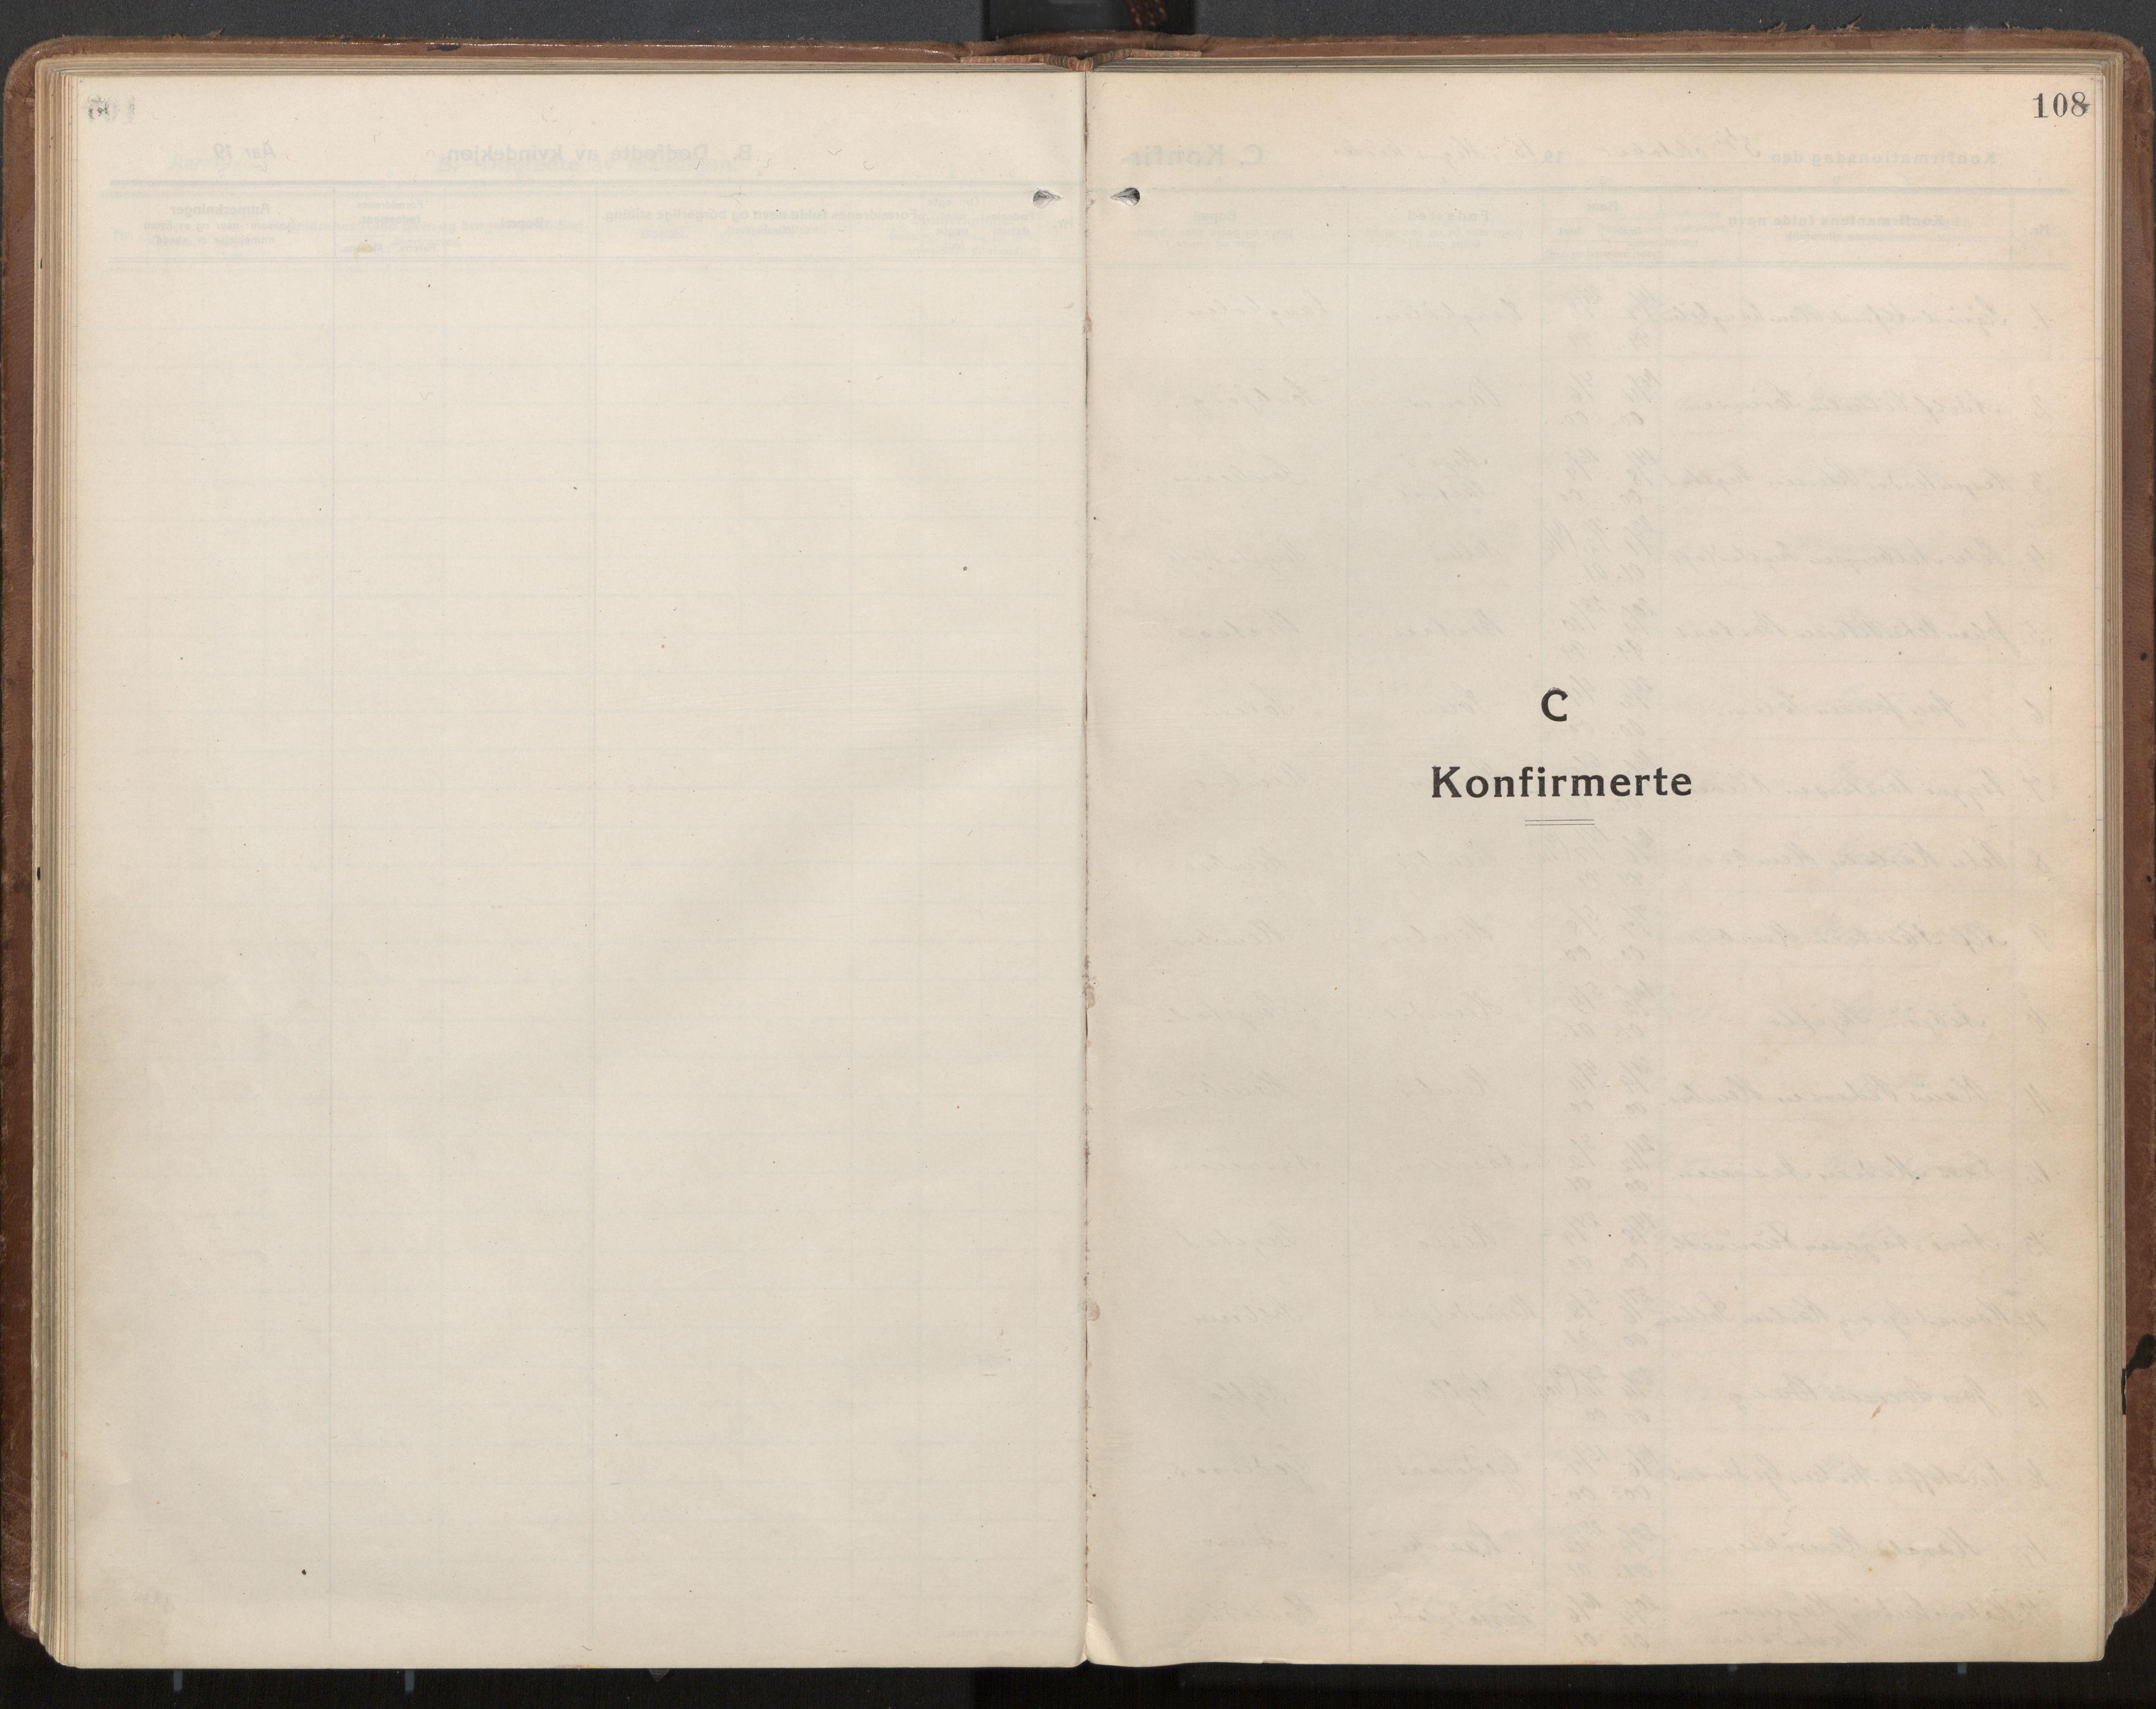 SAT, Ministerialprotokoller, klokkerbøker og fødselsregistre - Nord-Trøndelag, 703/L0037: Parish register (official) no. 703A10, 1915-1932, p. 108